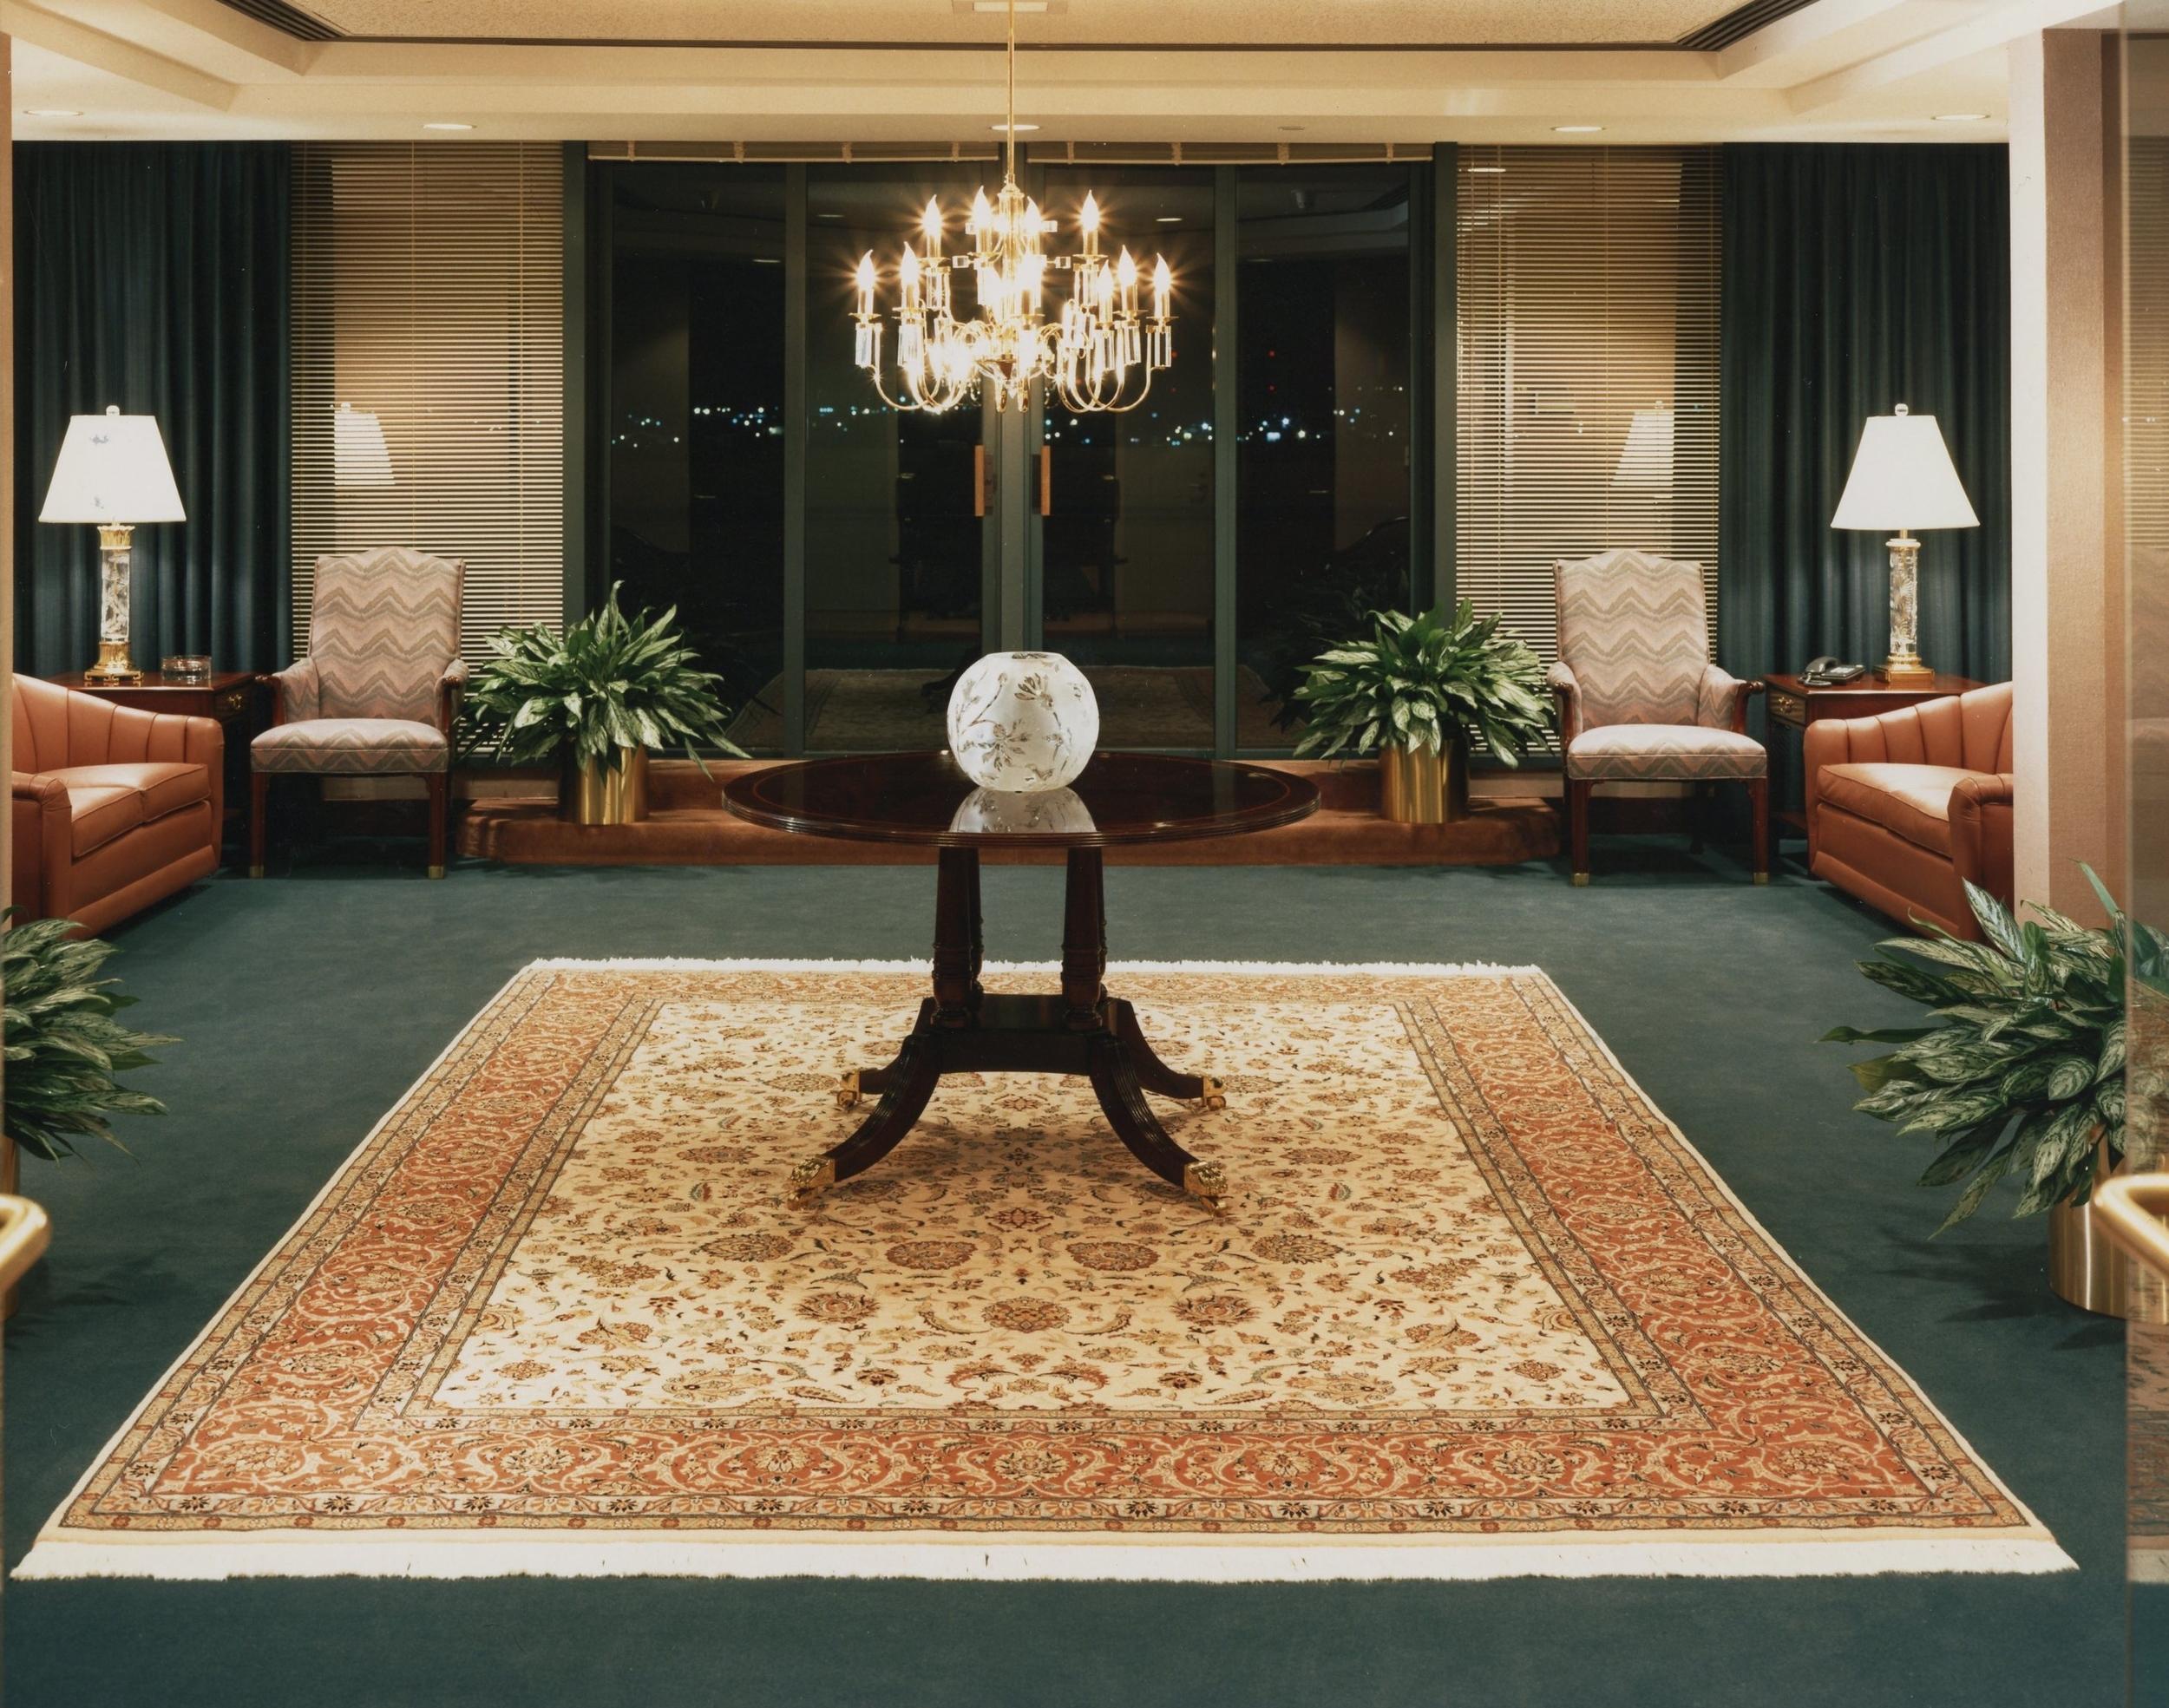 Executive Board Room Reception